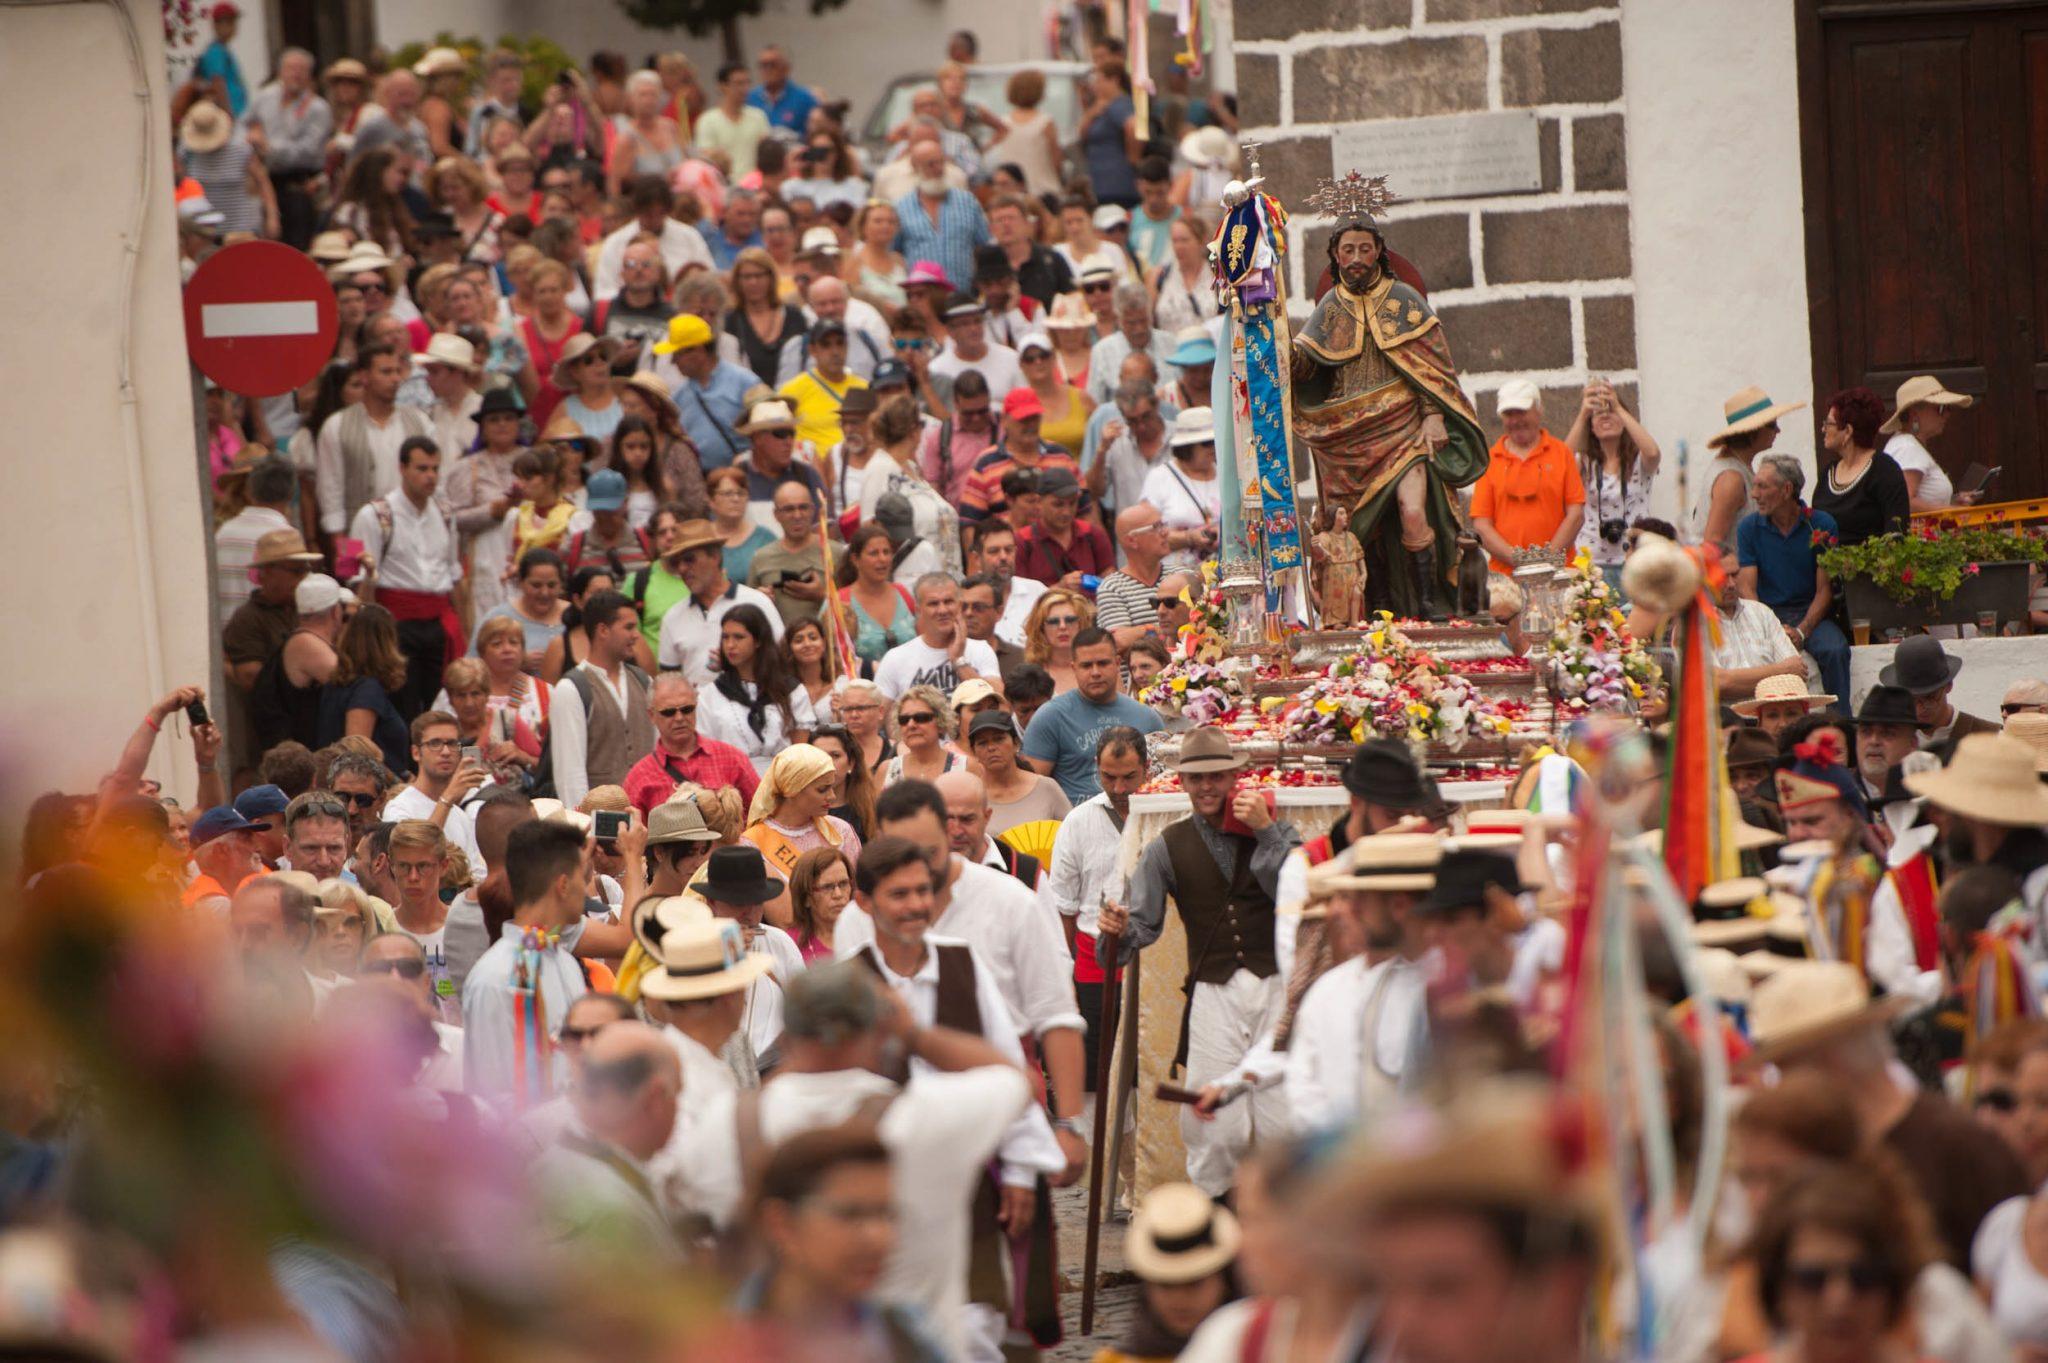 La Romería de San Roque, que se celebra es agosto, es una de las más multitudinarias de la Isla. Fran Pallero